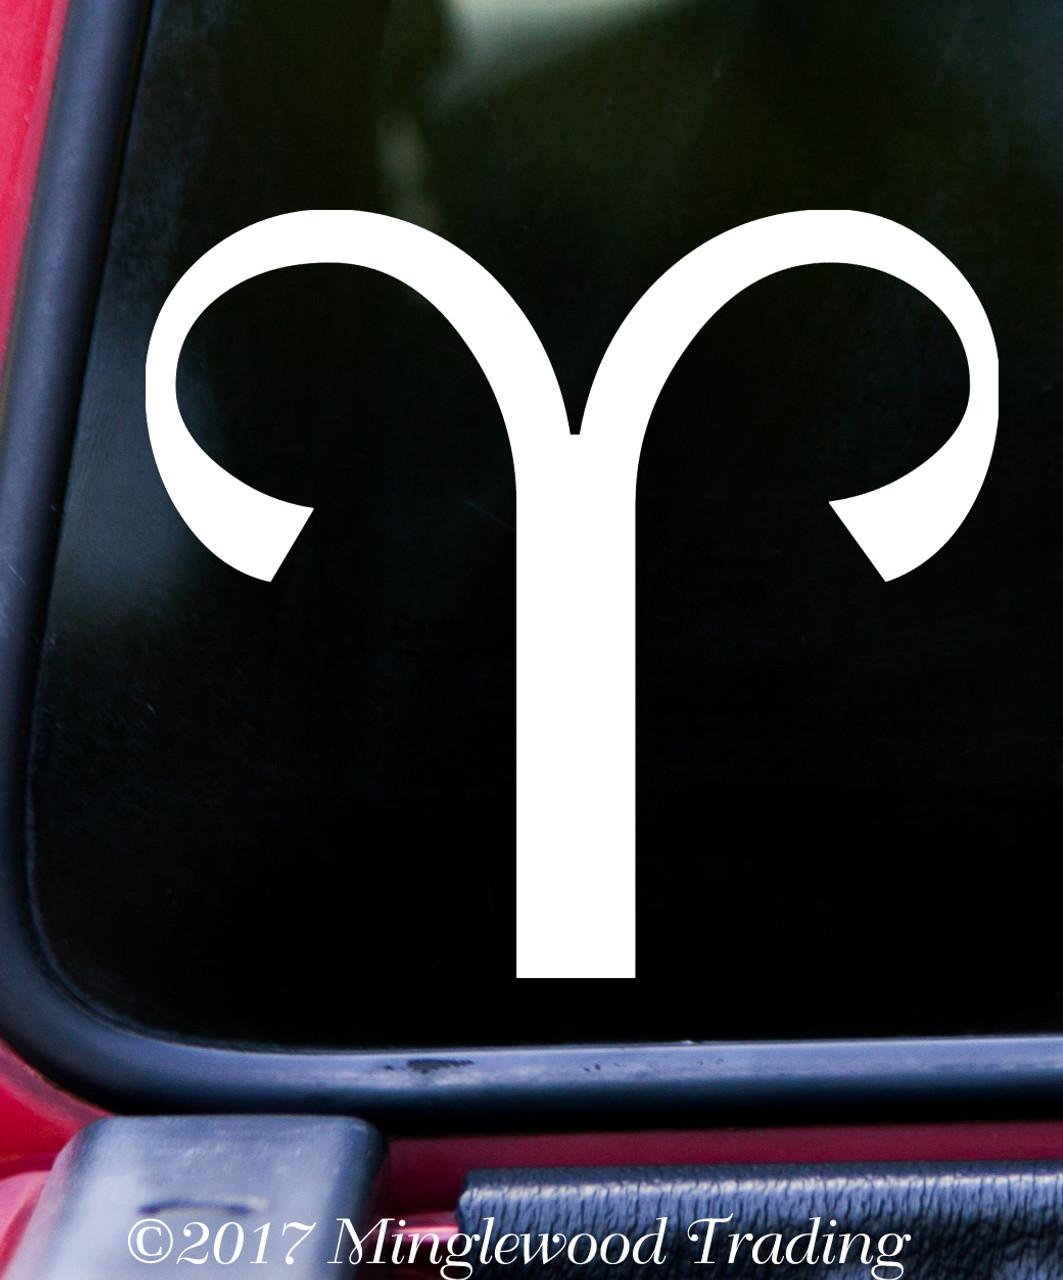 Aries Vinyl Decal - Astrology Zodiac Sign Fire Ram - Die Cut Sticker